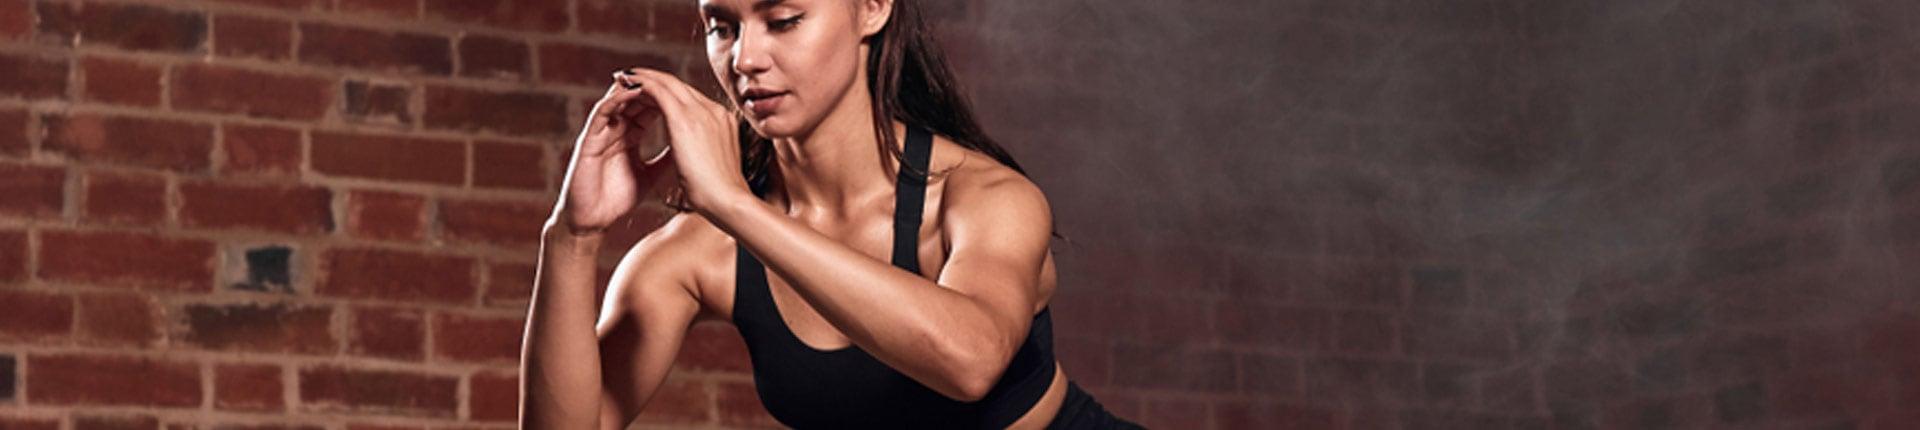 10-minutowy trening całego ciała FBW. Ćwiczenia do wykonania w domu